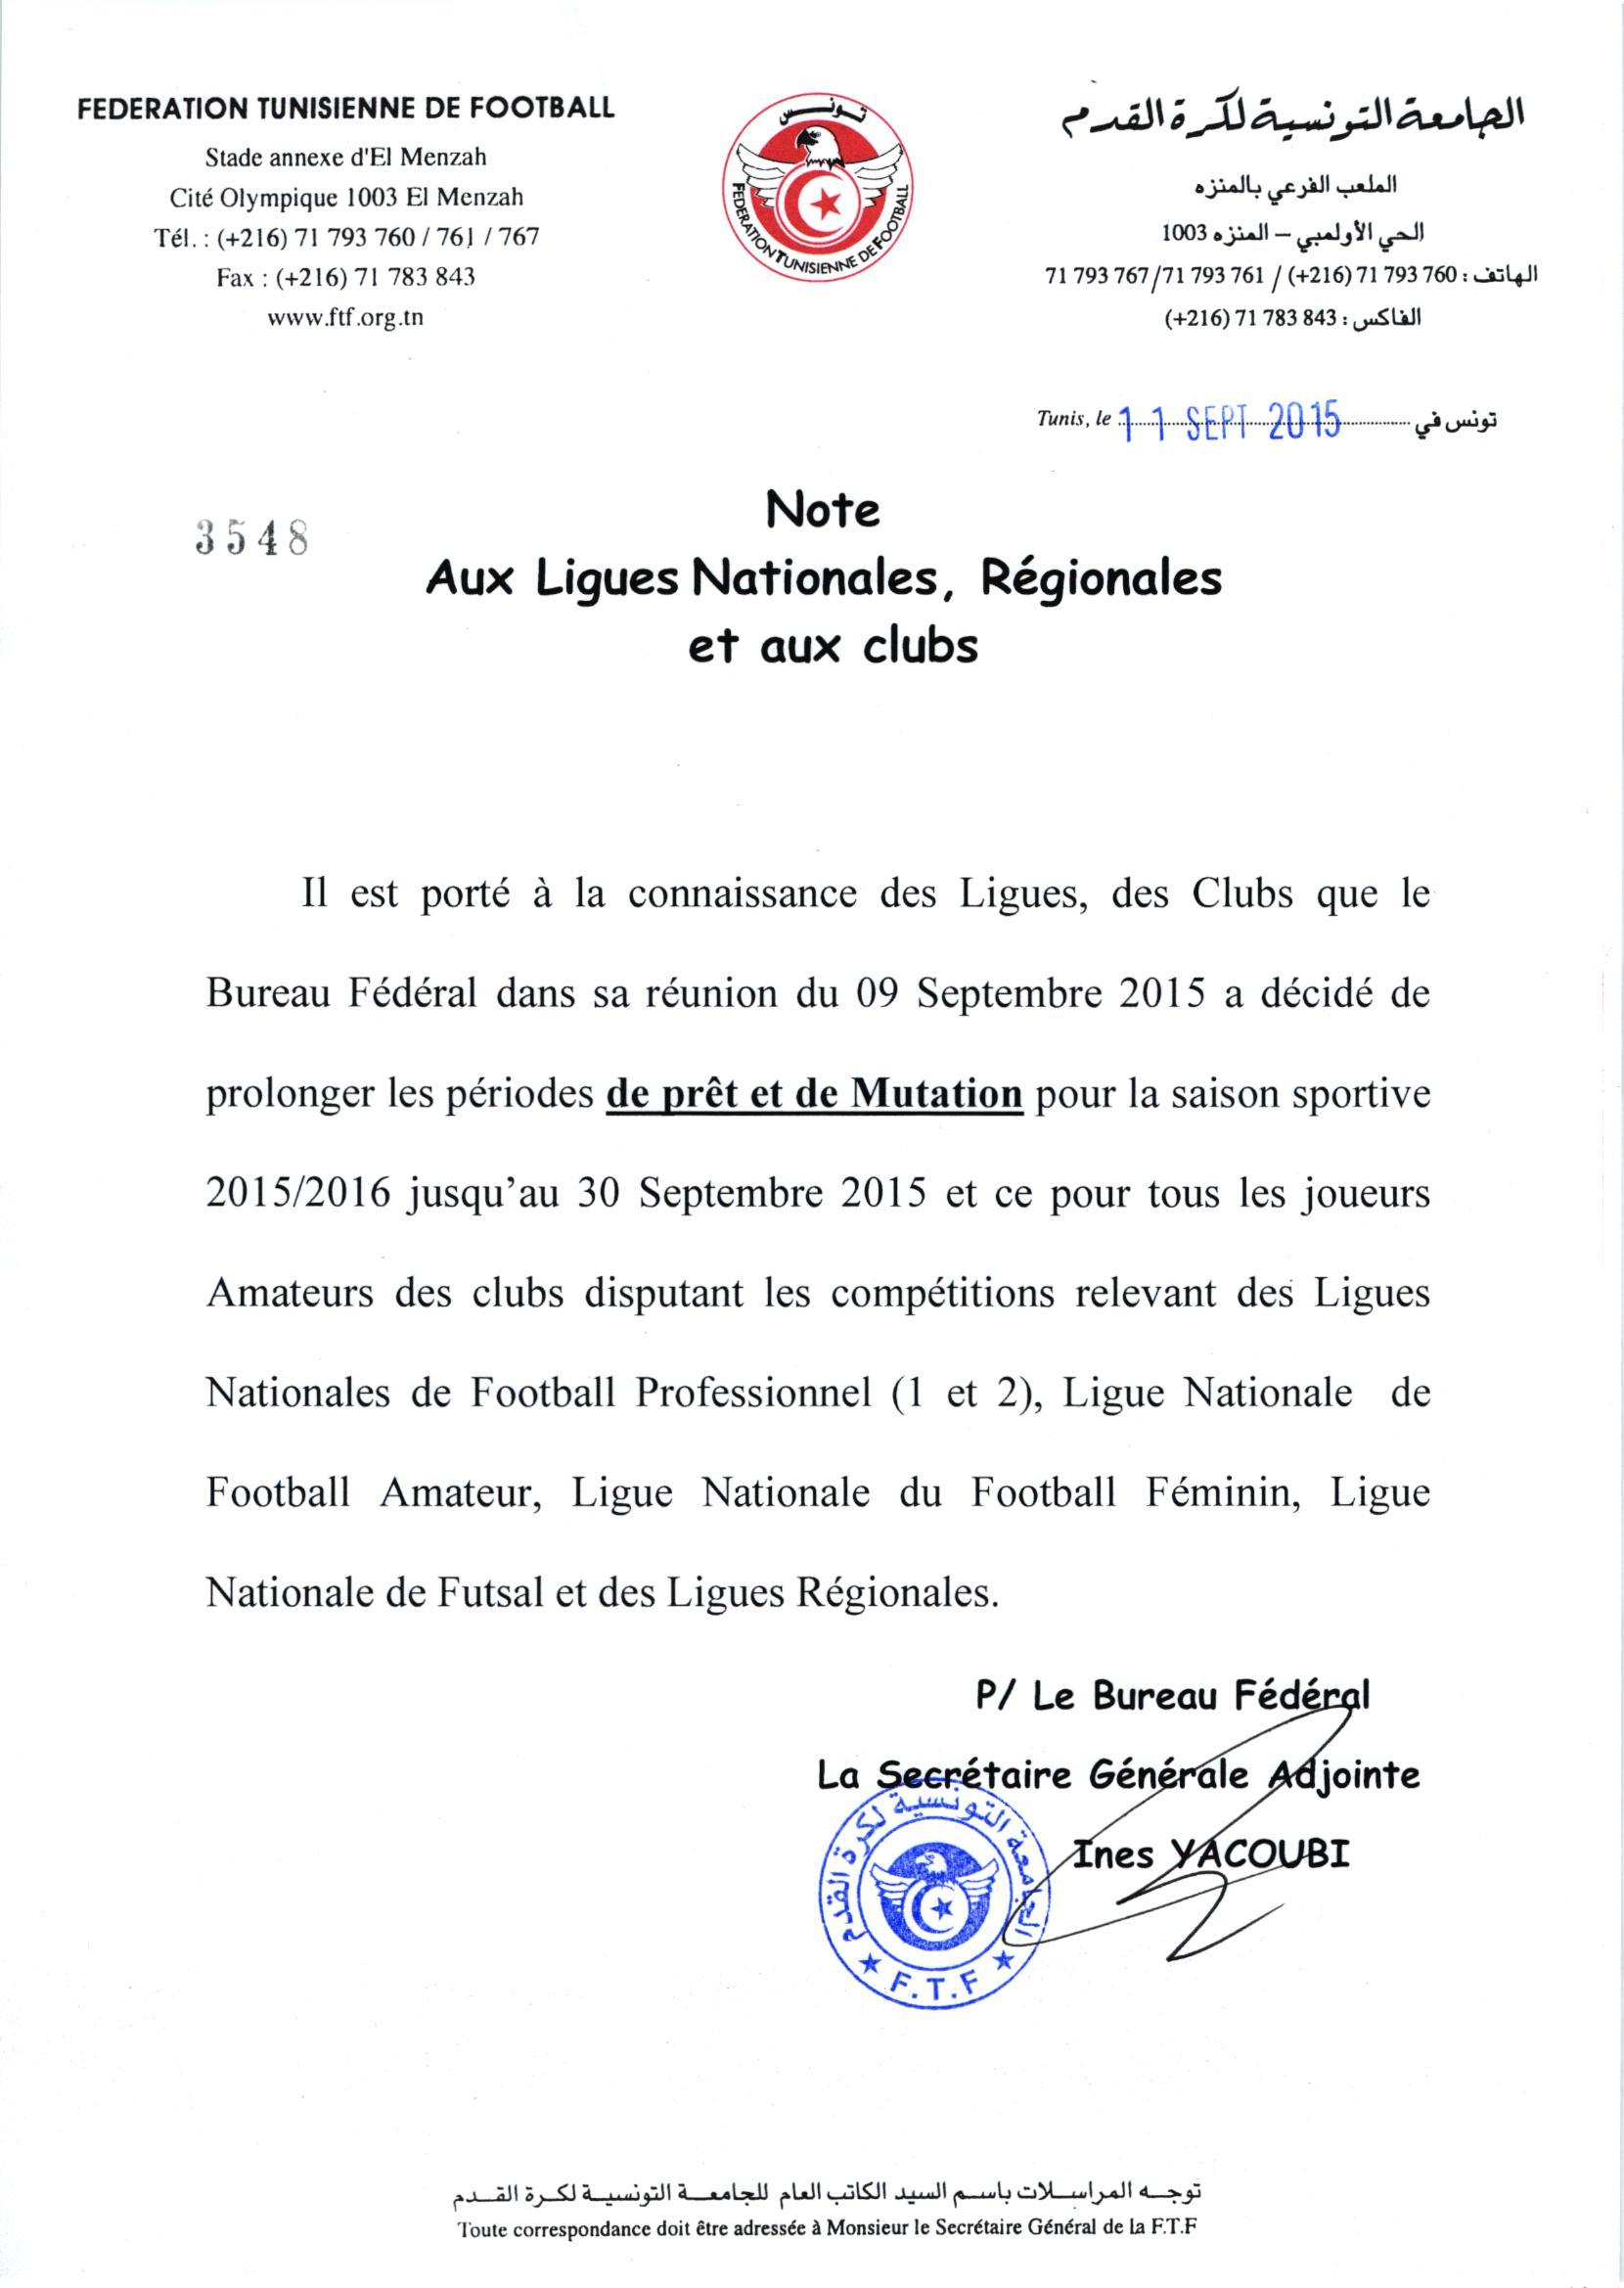 Note aux Ligues Nationales, Régionales et aux Clubs